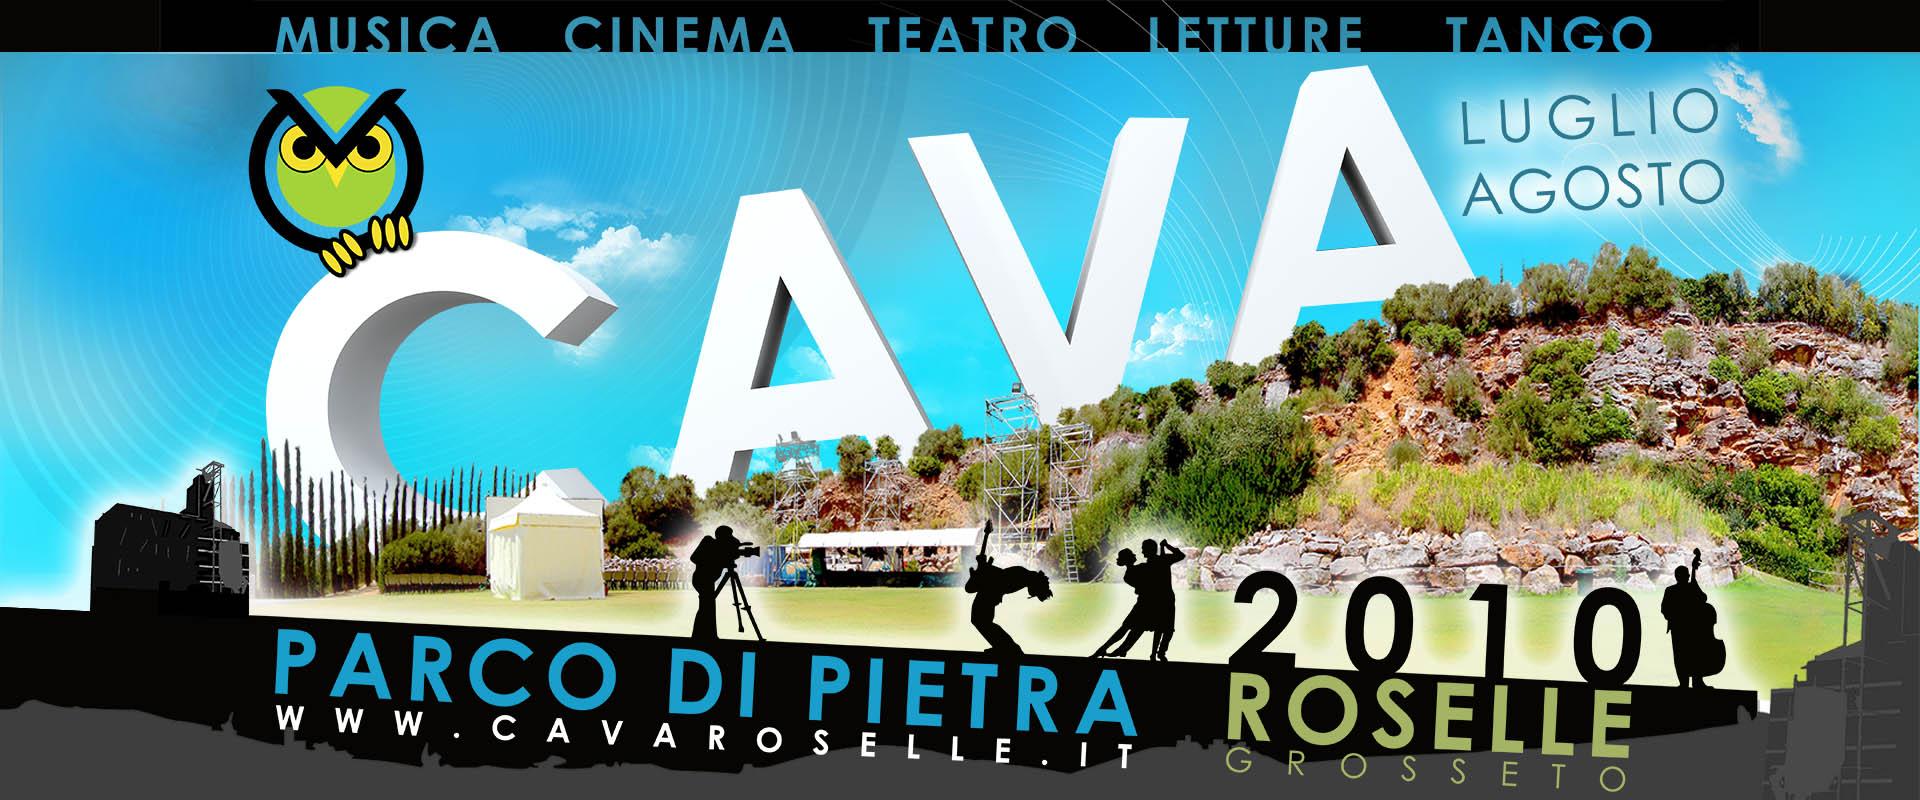 aironic_ugo_capparelli_comunicazione_cava_roselle_grosseto_festa_eventi_immagine-coordinata